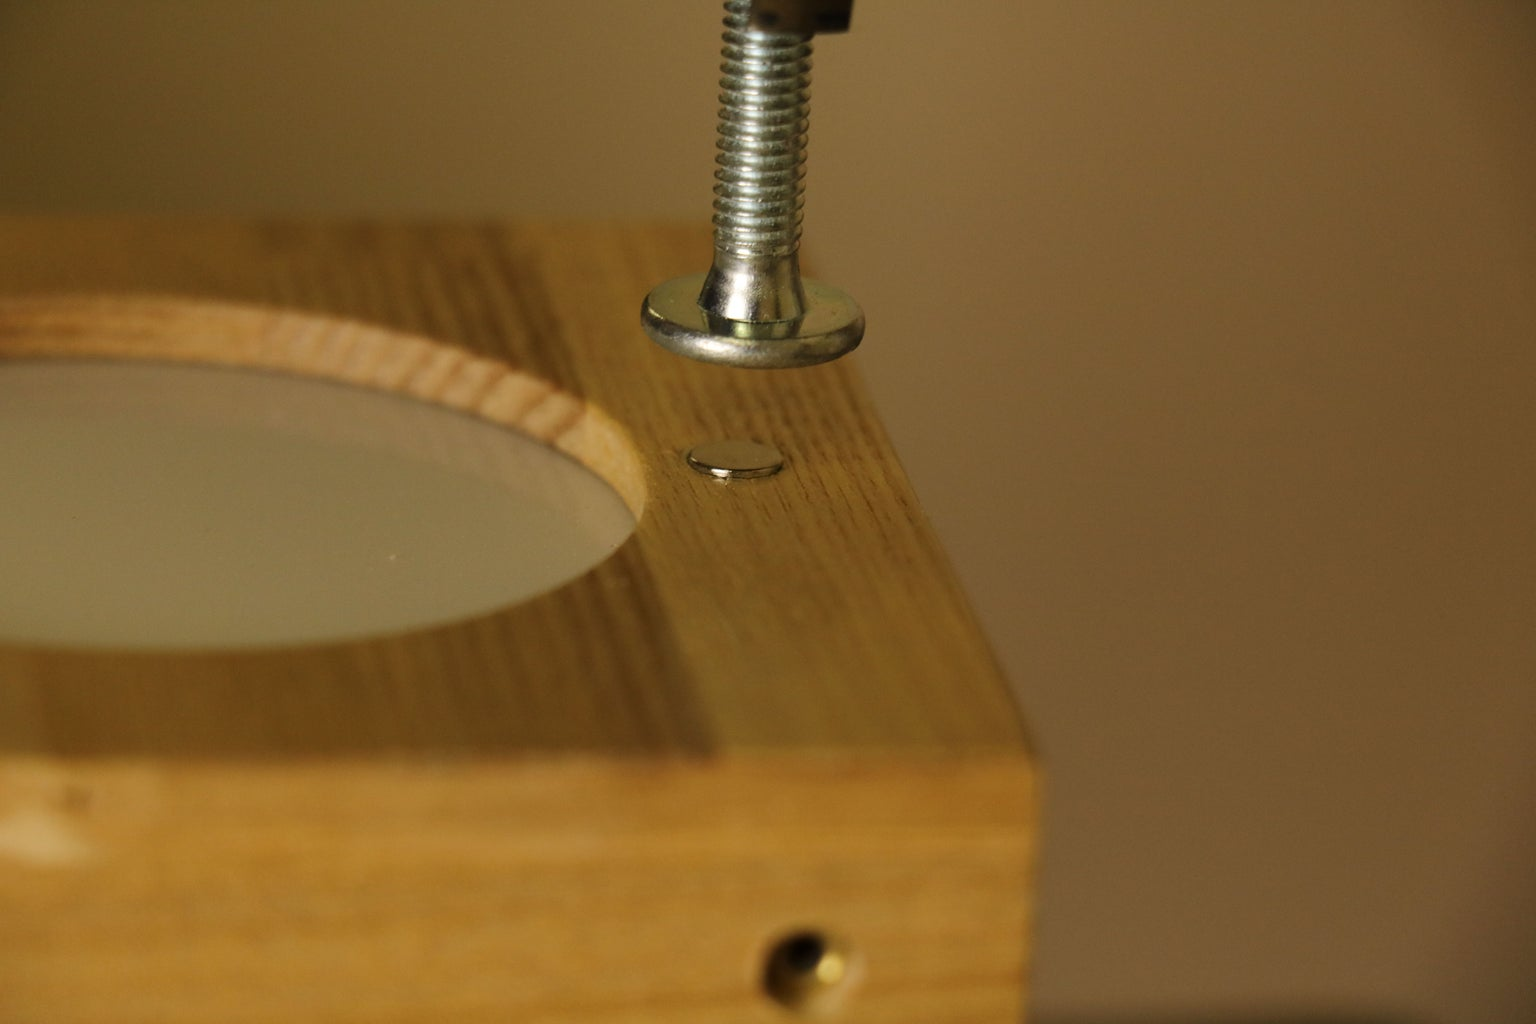 Magnet Insertion (gluing)